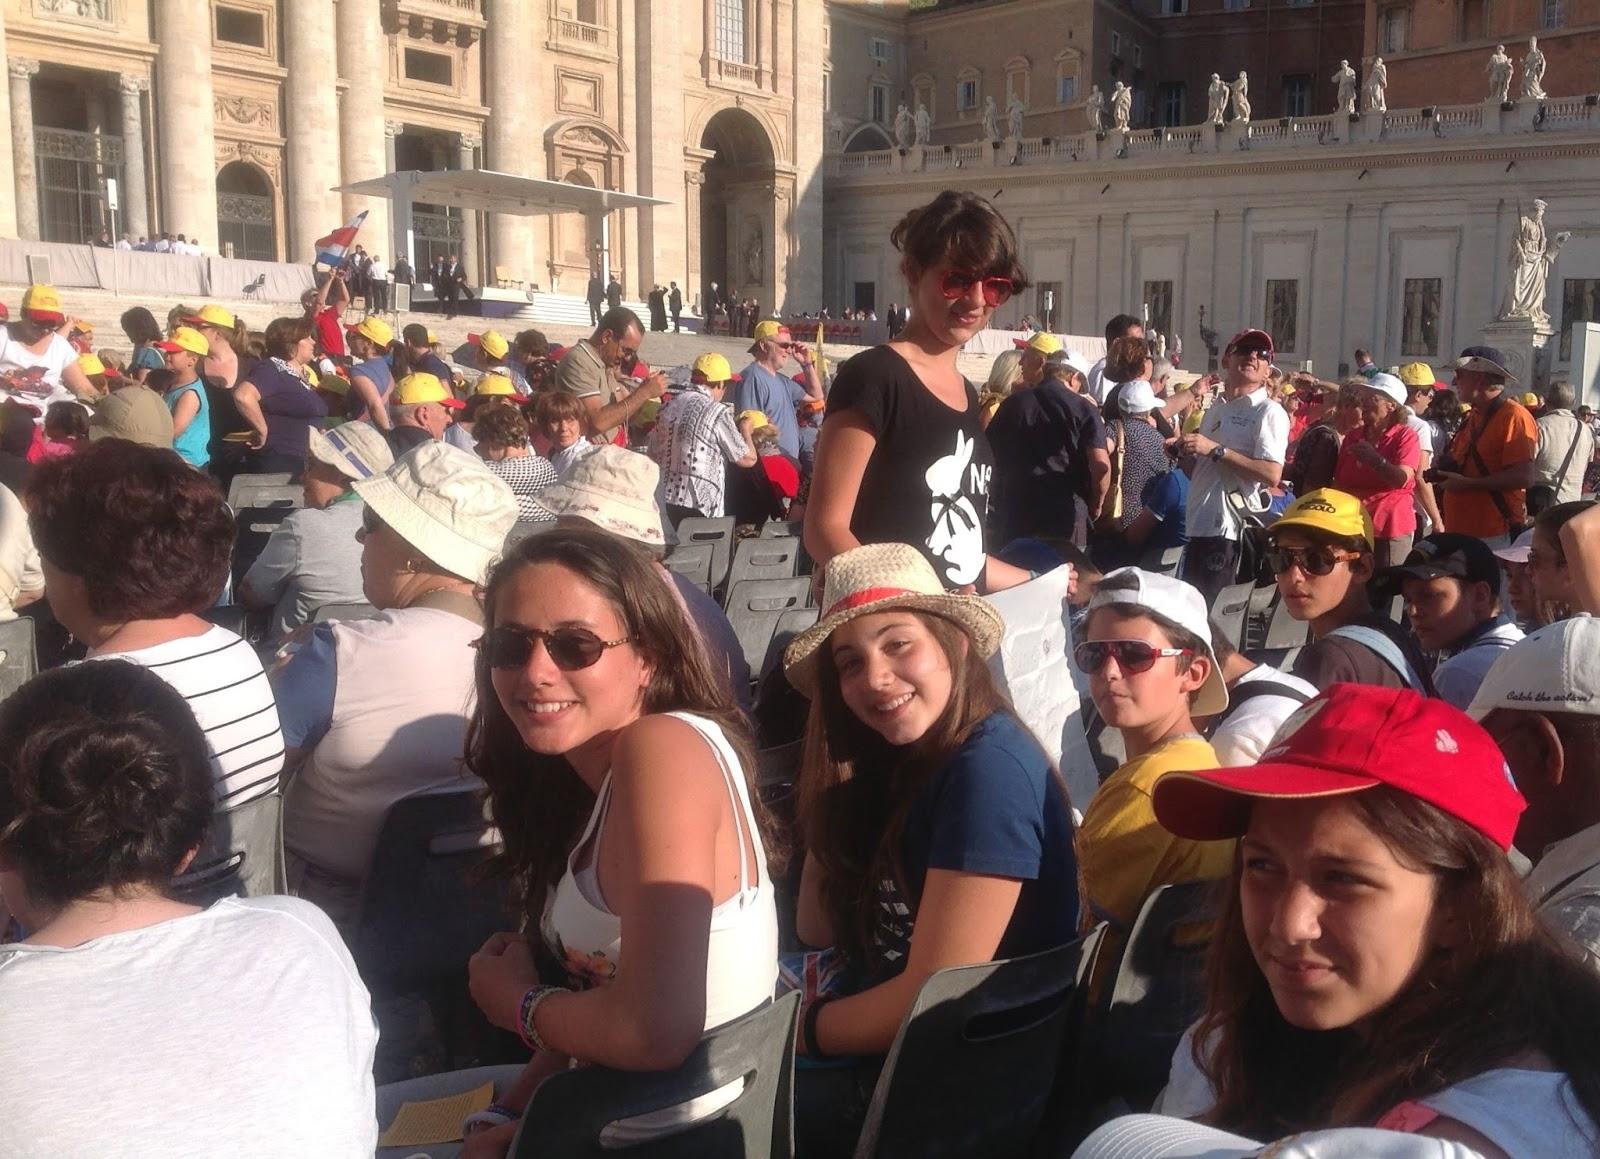 Festa Maria Santissima del portosalvo - Giulianova: luglio 2013